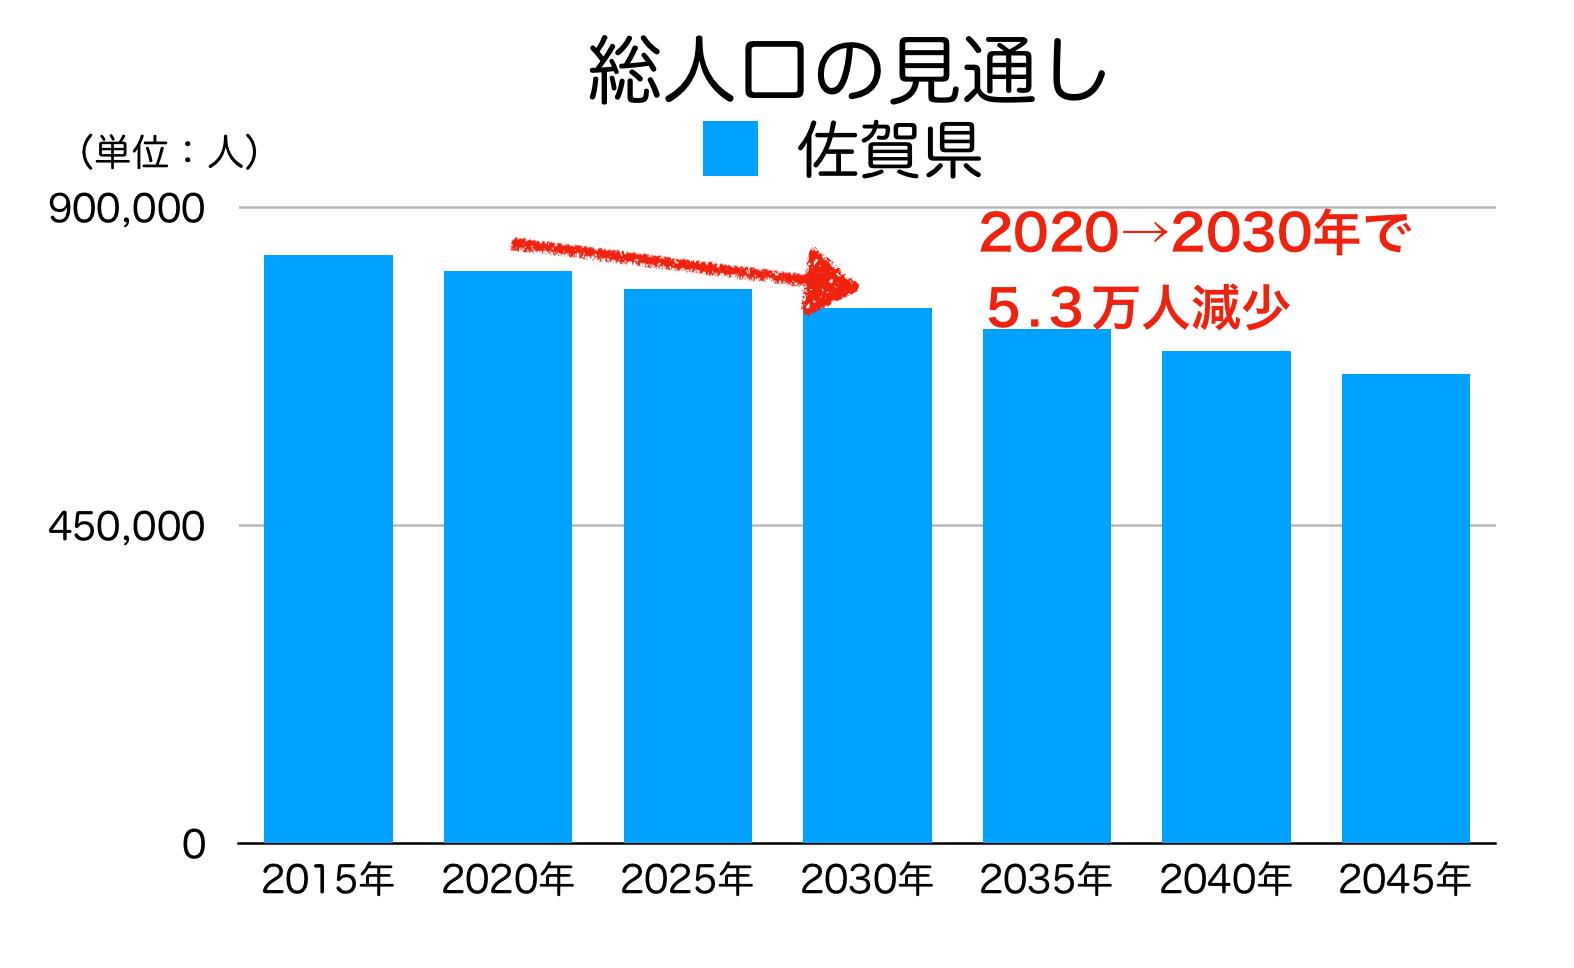 佐賀県の総人口の見通し